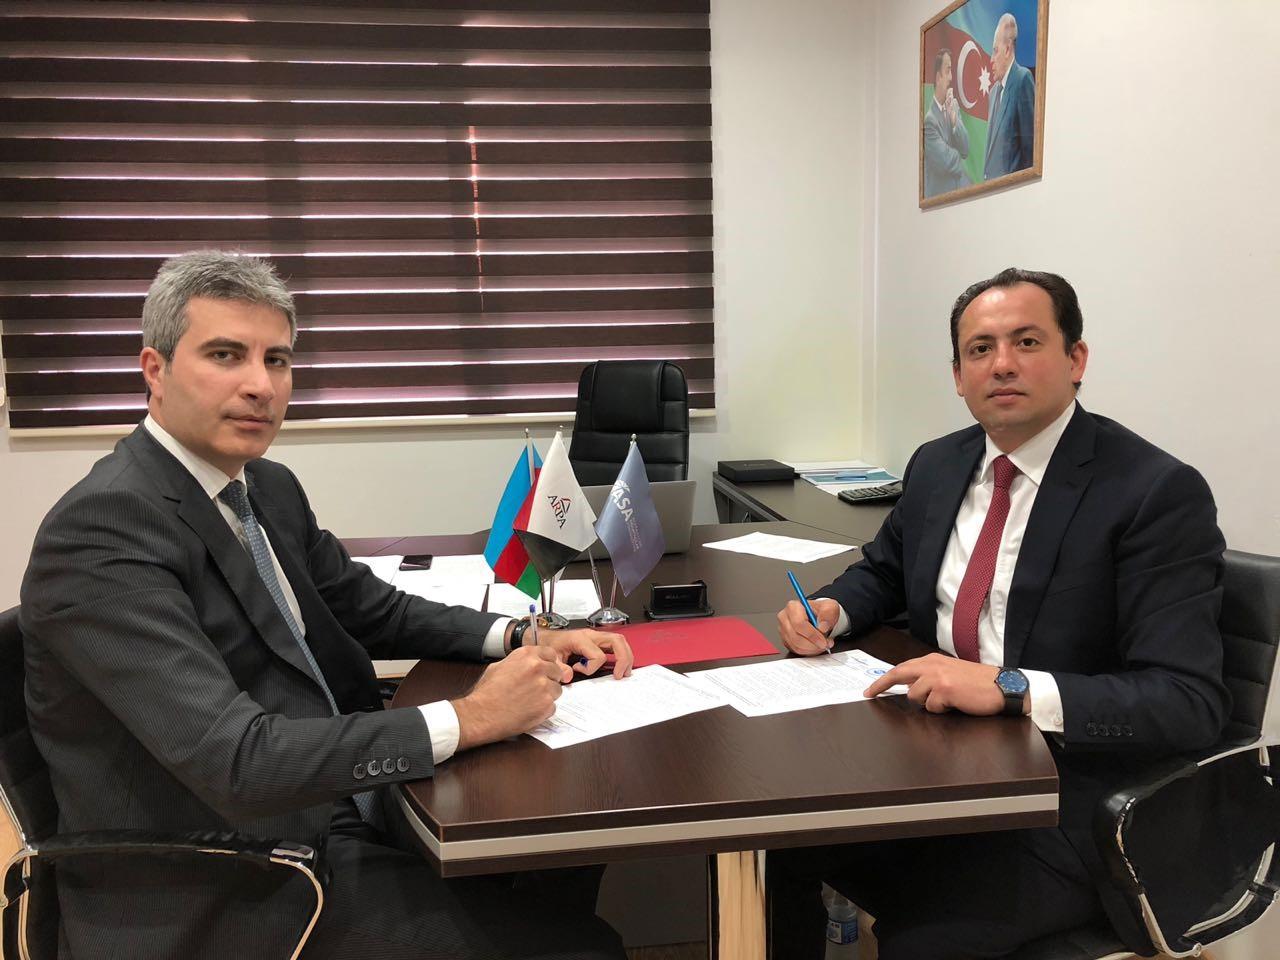 ARPA Azərbaycan Sığortacılar Assosiyasiyası ilə əməkdaşlıq sazişi imzaladı